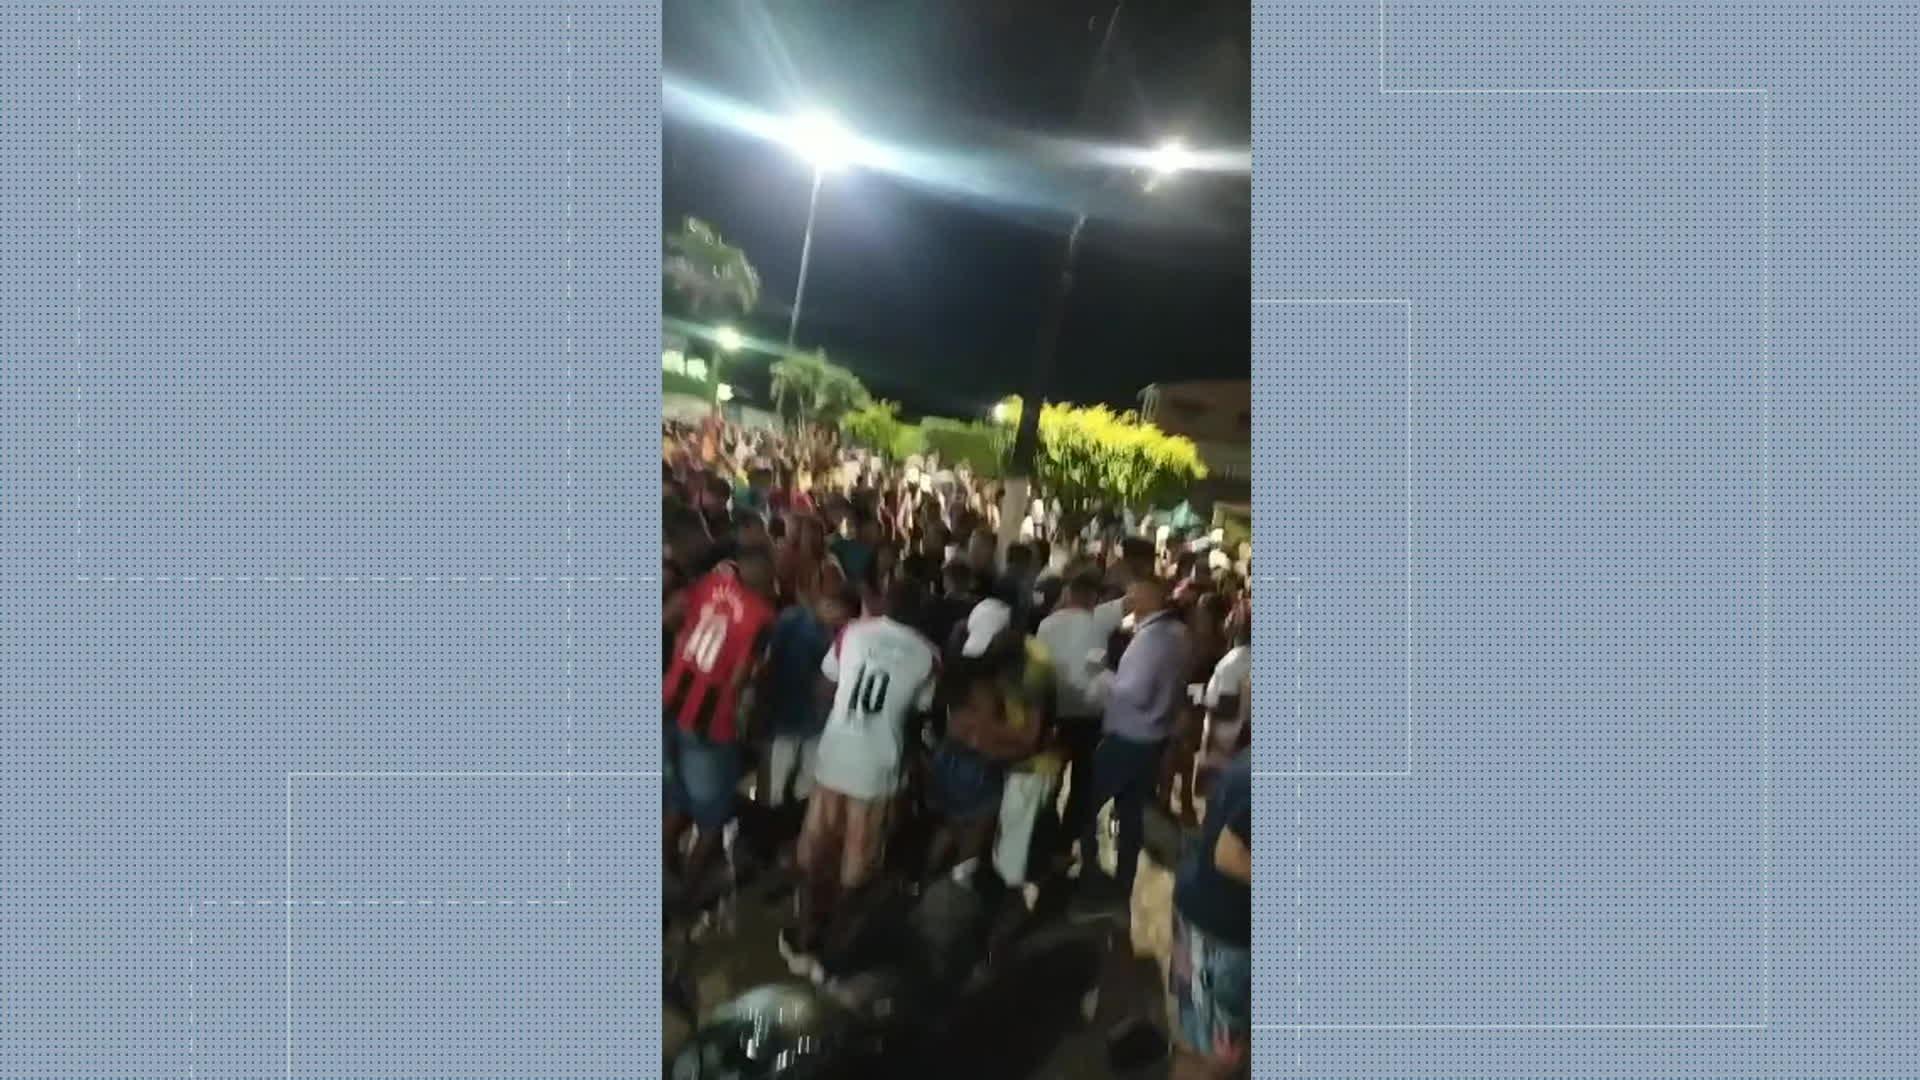 Vídeo mostra aglomeração e pessoas sem máscara de proteção contra a Covid-19 em praça de Aliança